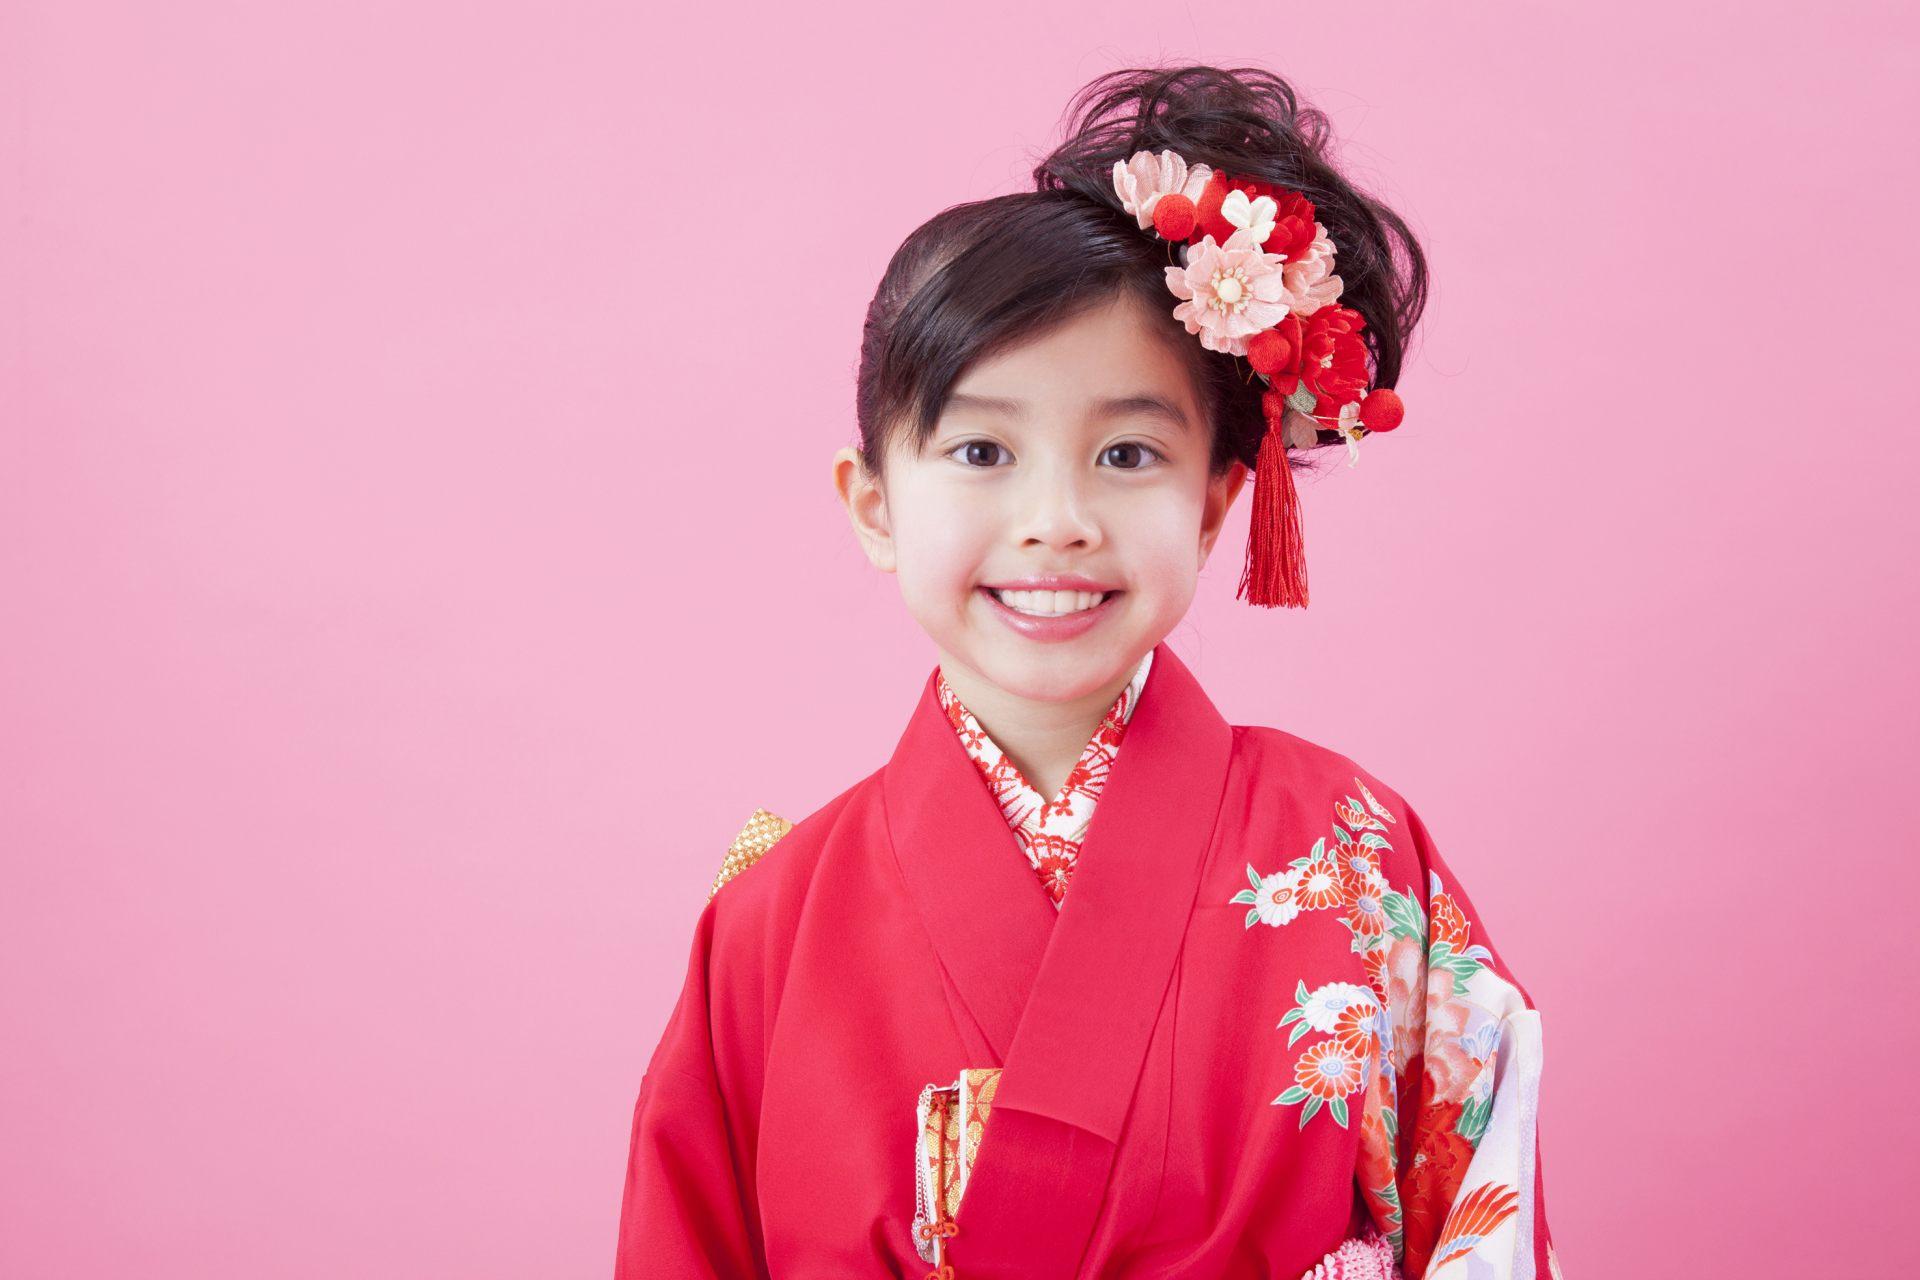 穿和服的日本女孩